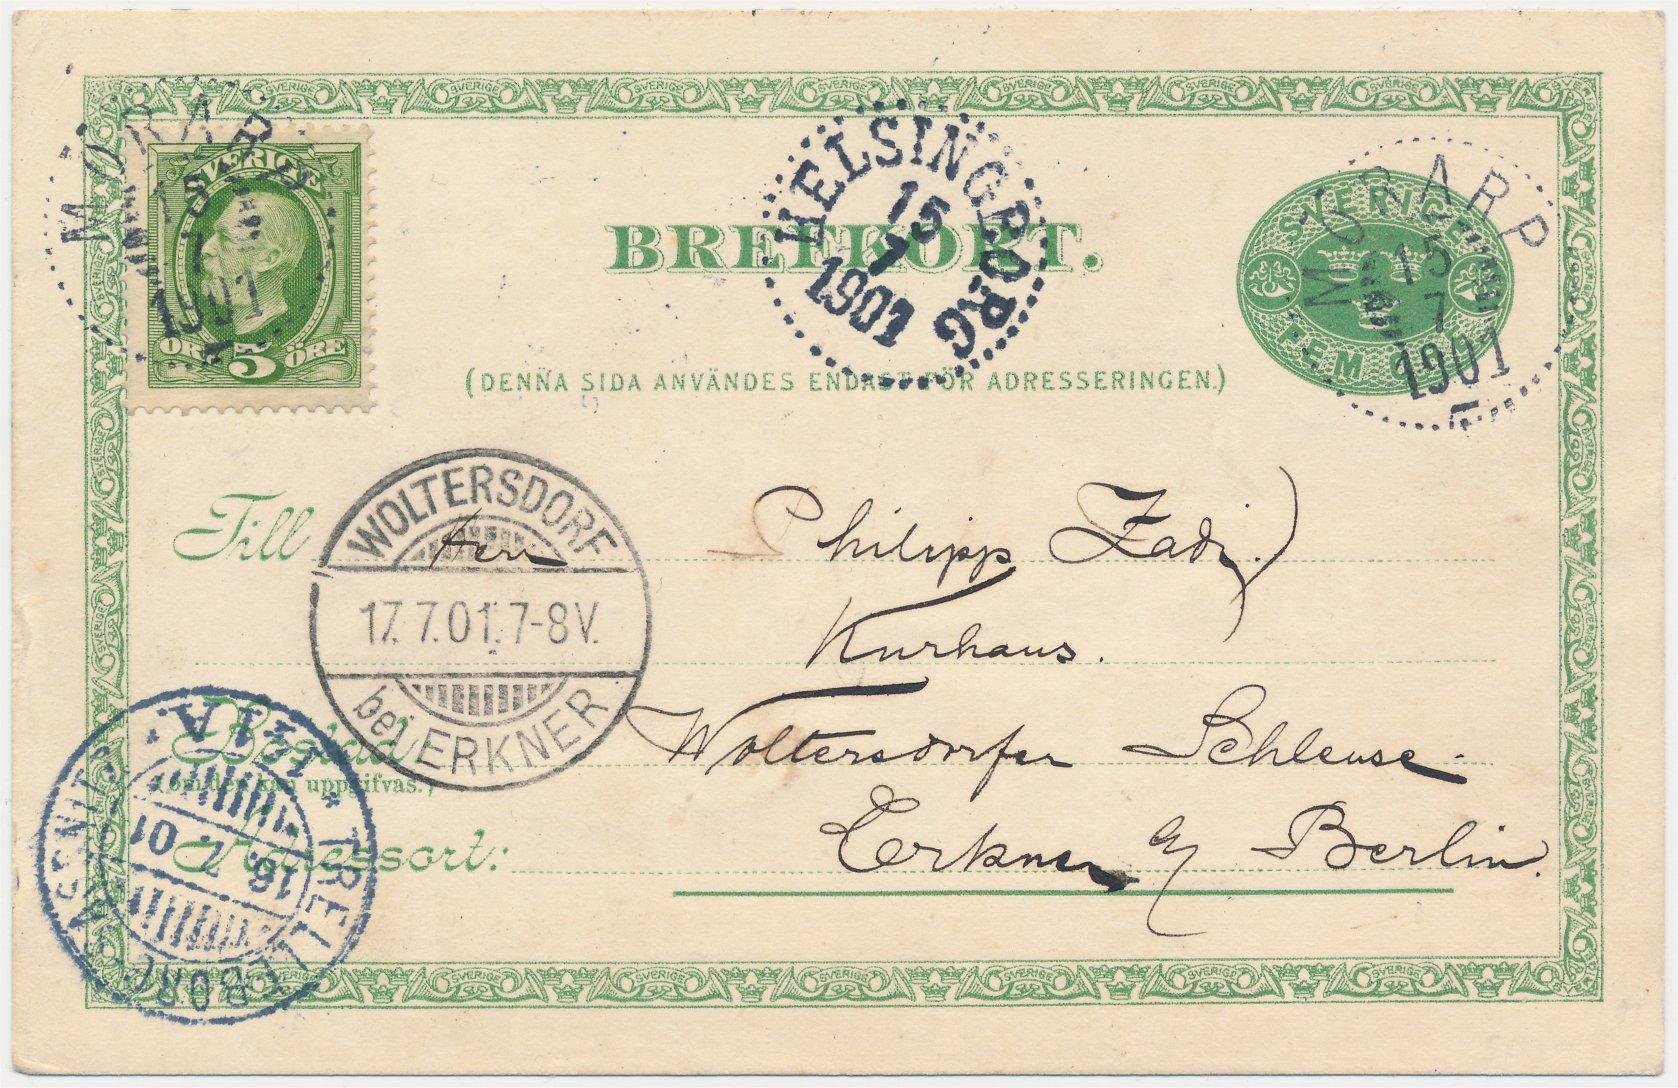 10_brevkort_morarp_15_7_1901